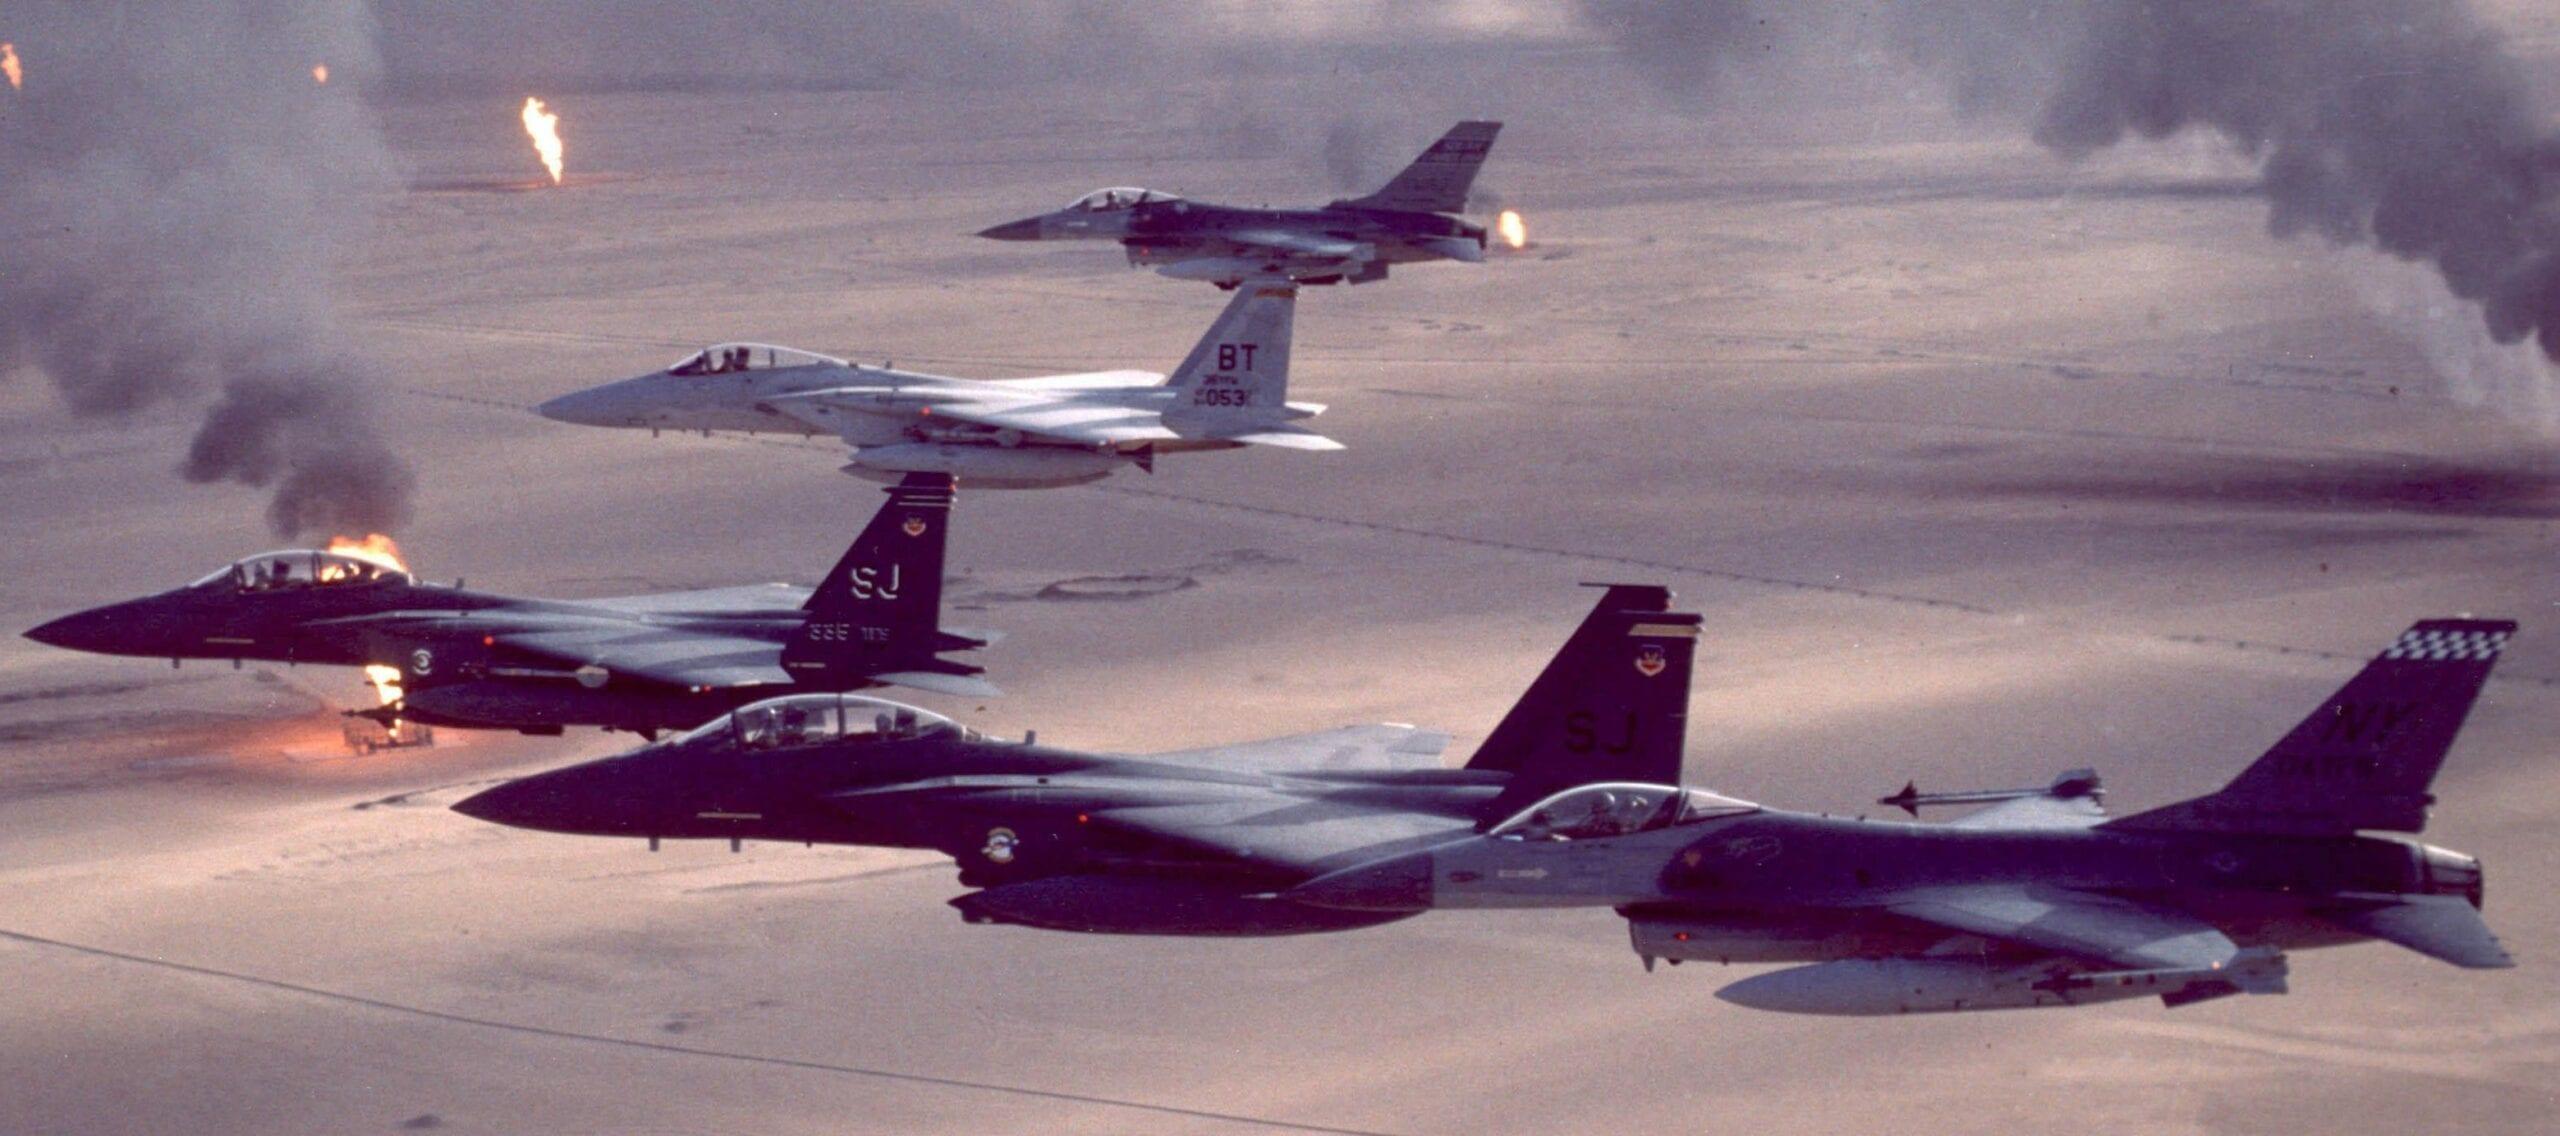 معضلة الجو: استراتيجية مواجهة التفوق الجوي - تقييم القوة الجوية المعادية 9